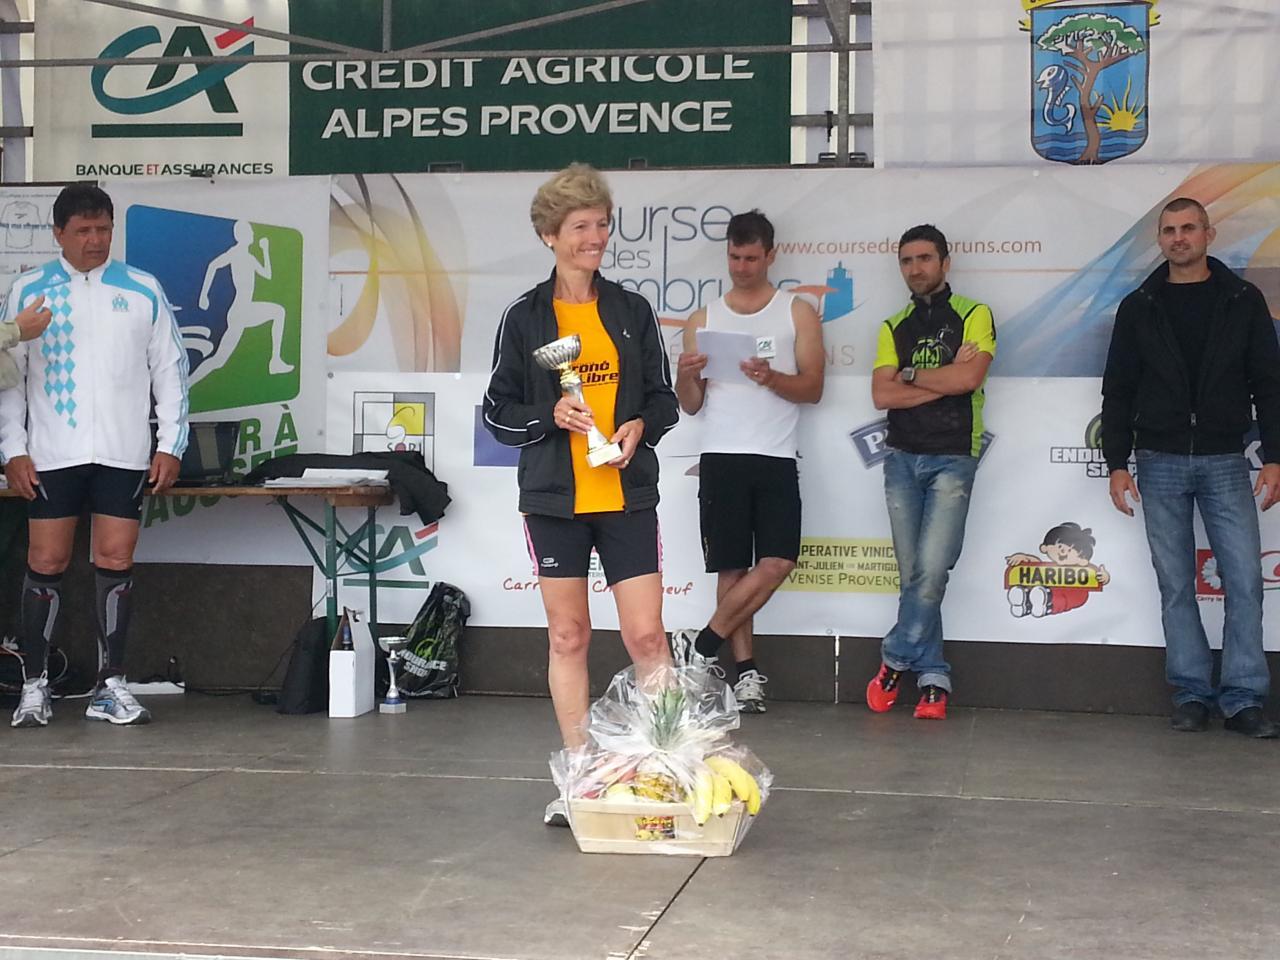 09062013 Course des embruns CL (4)